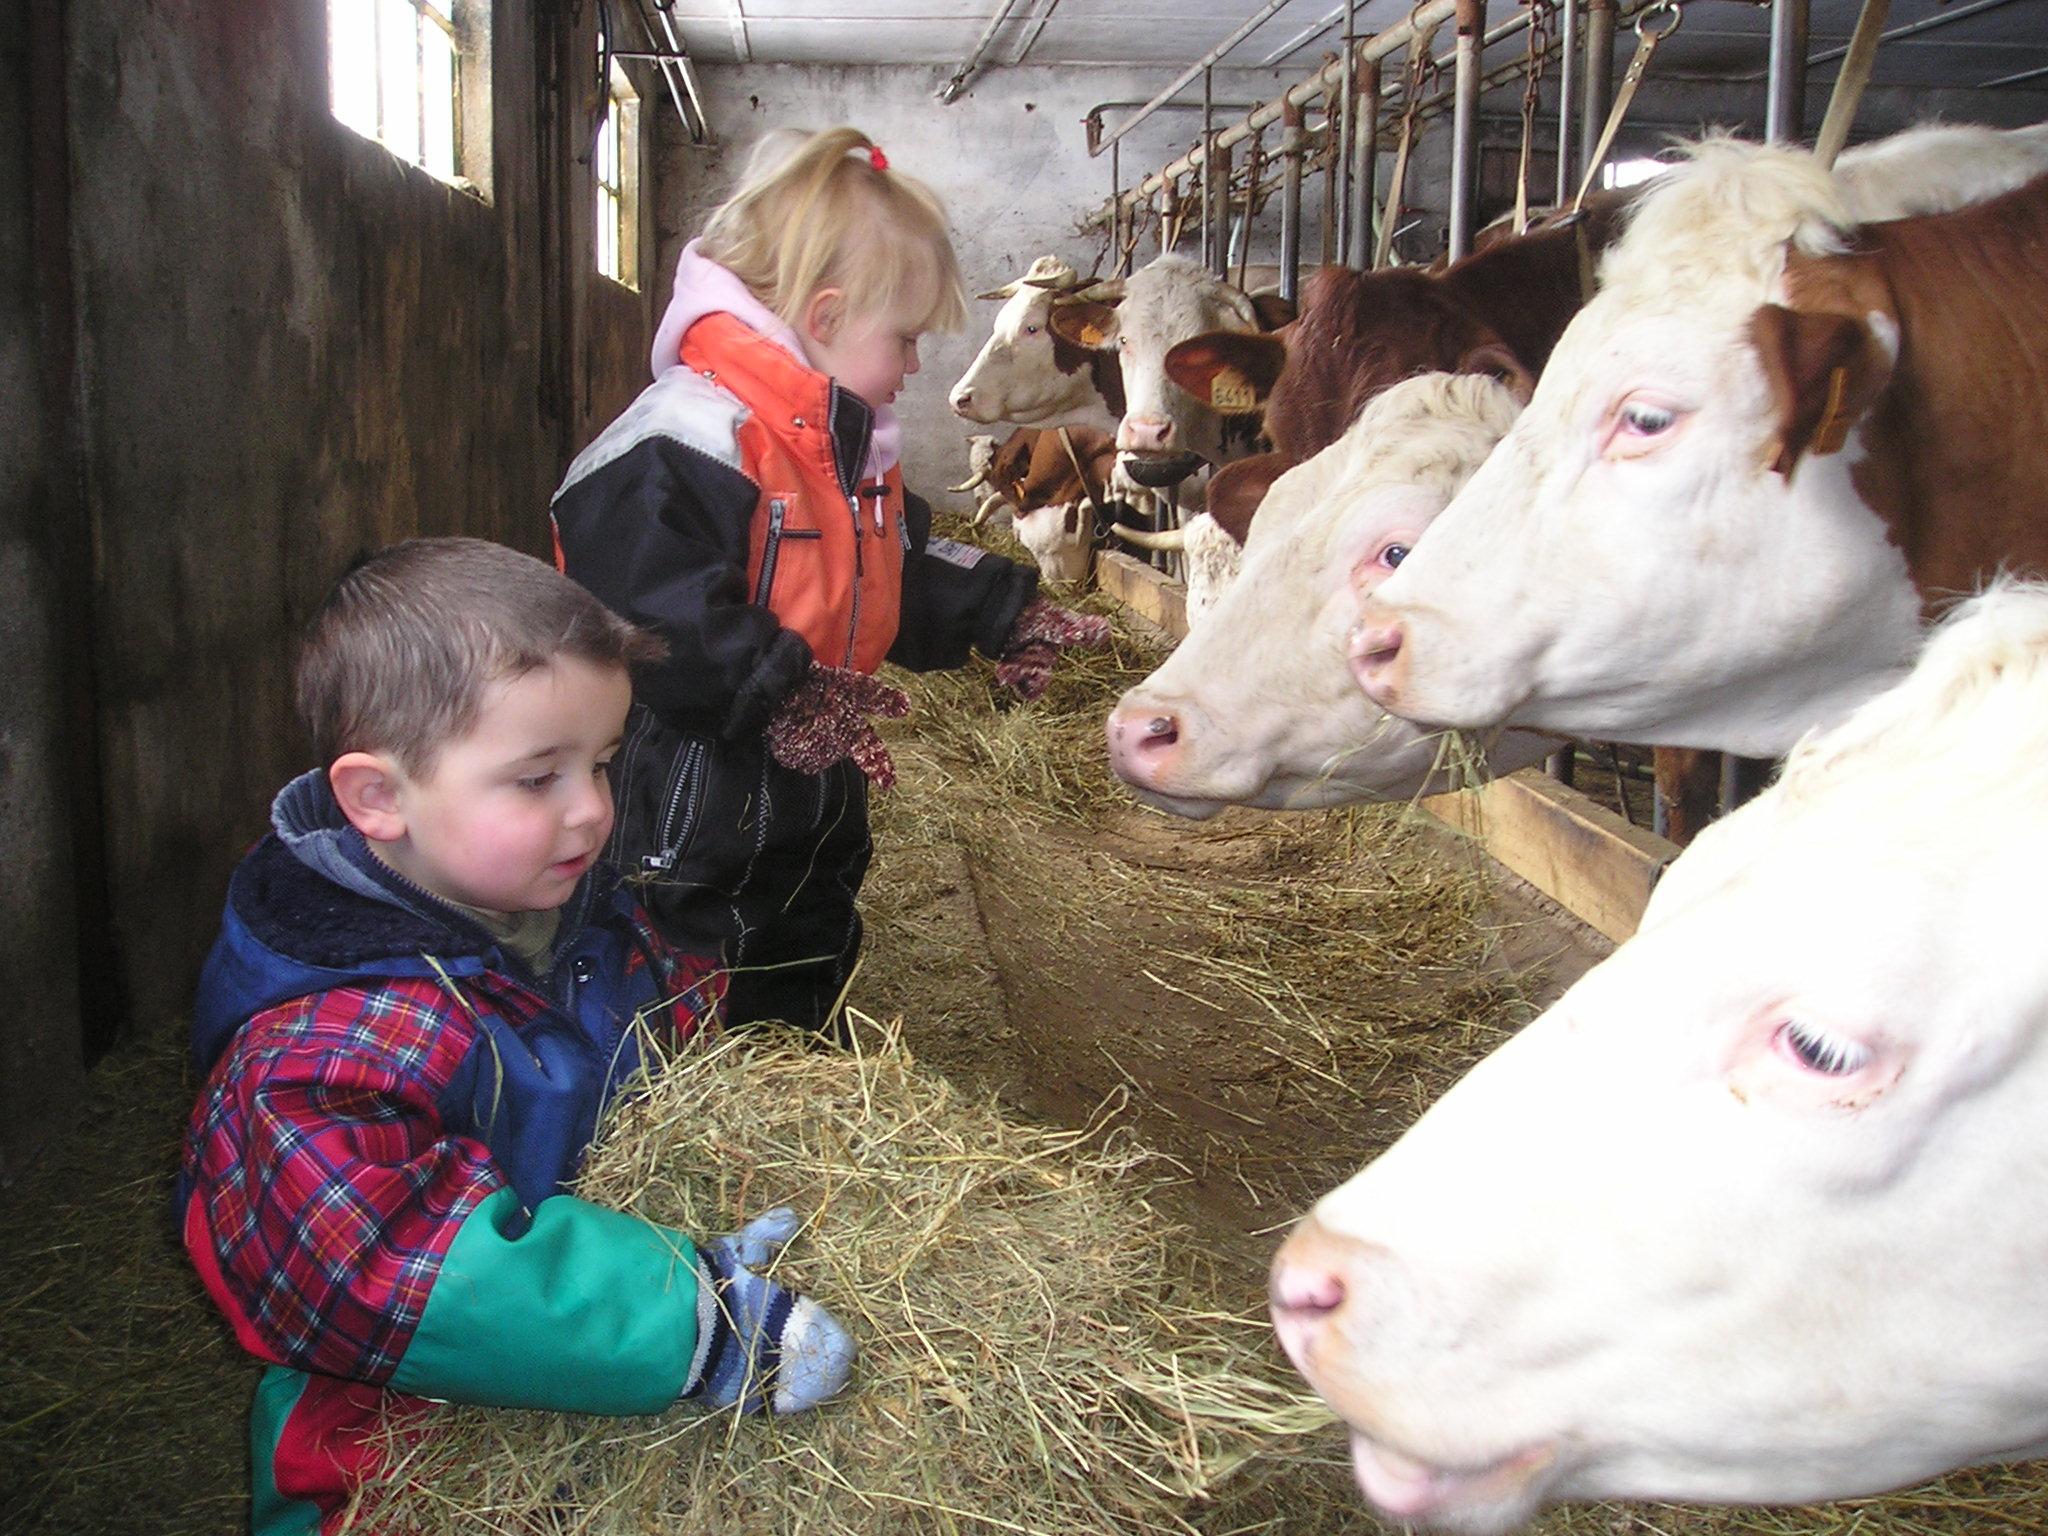 Enfants donnant le foin aux vaches montbéliardes dans étable